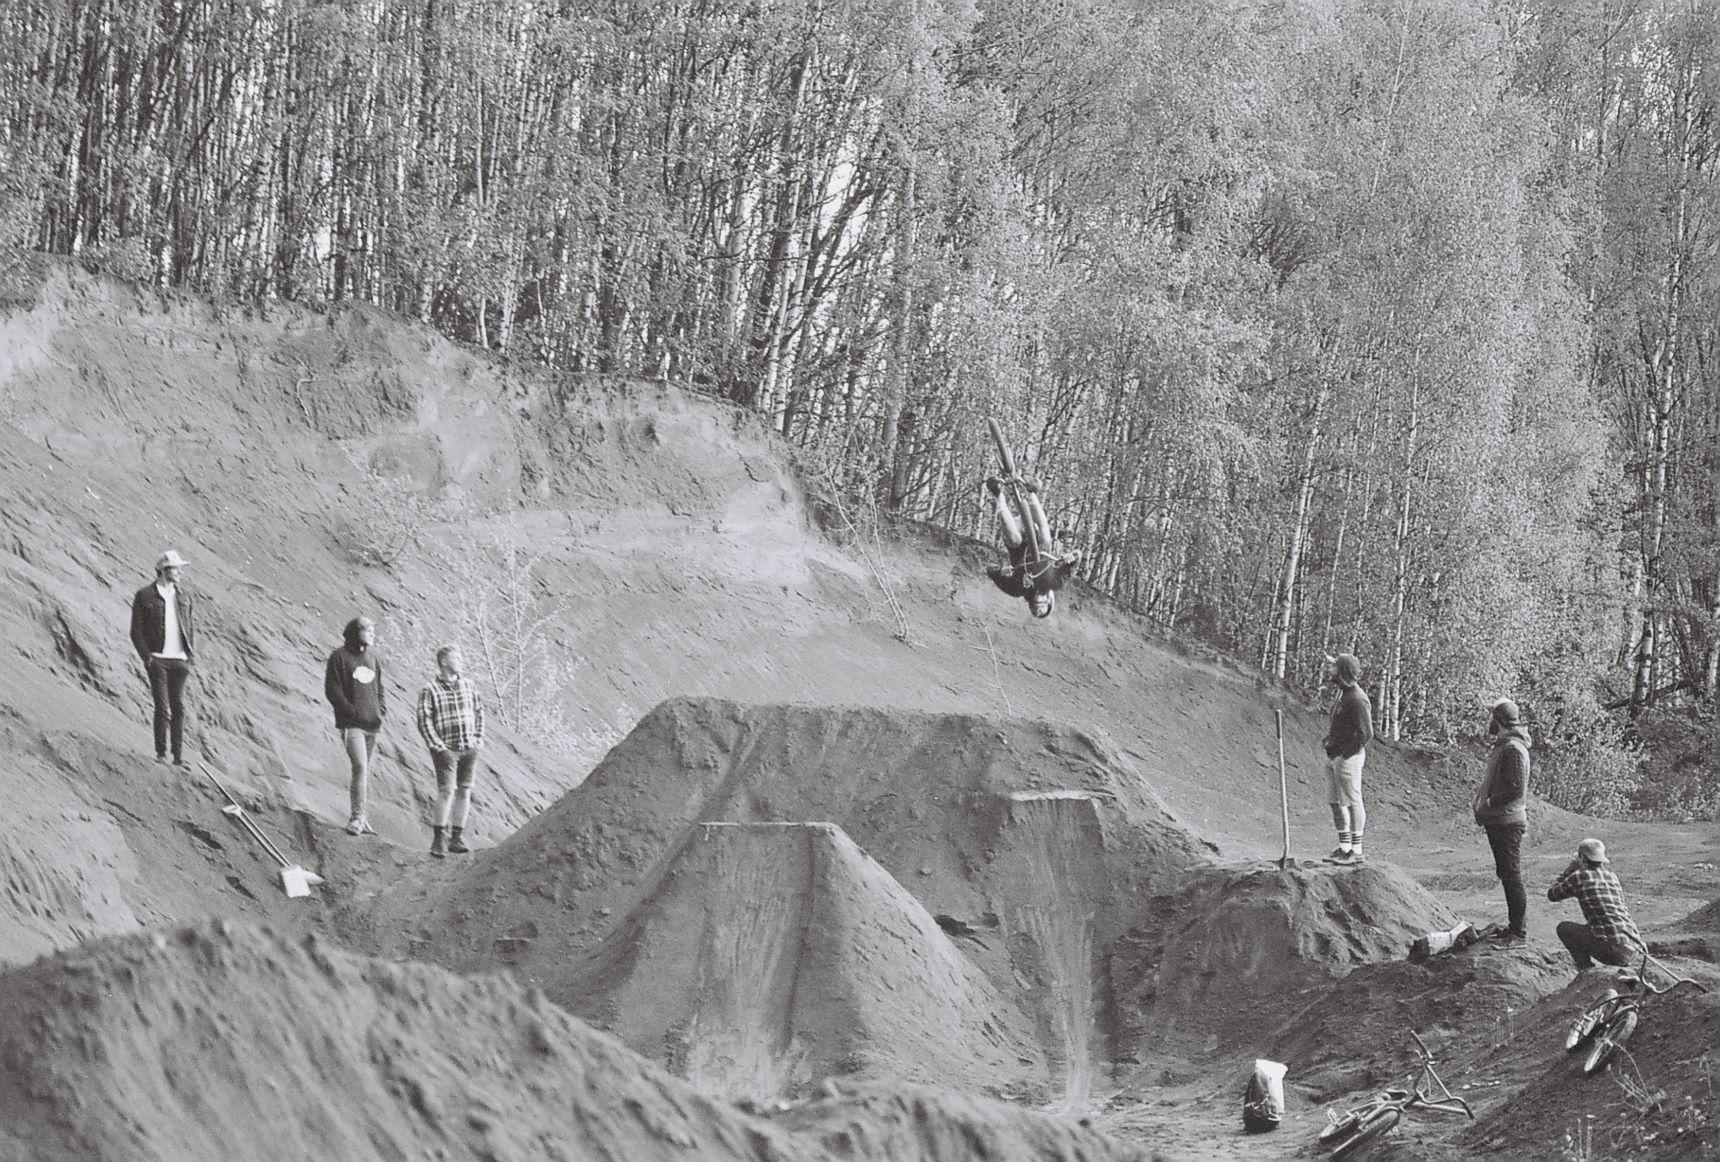 002_Pankáč otvírá session hned z první bekem. Kdo do teď váhal, sahá po kole. Všimněte si v rohu Honzishe s kamerou!